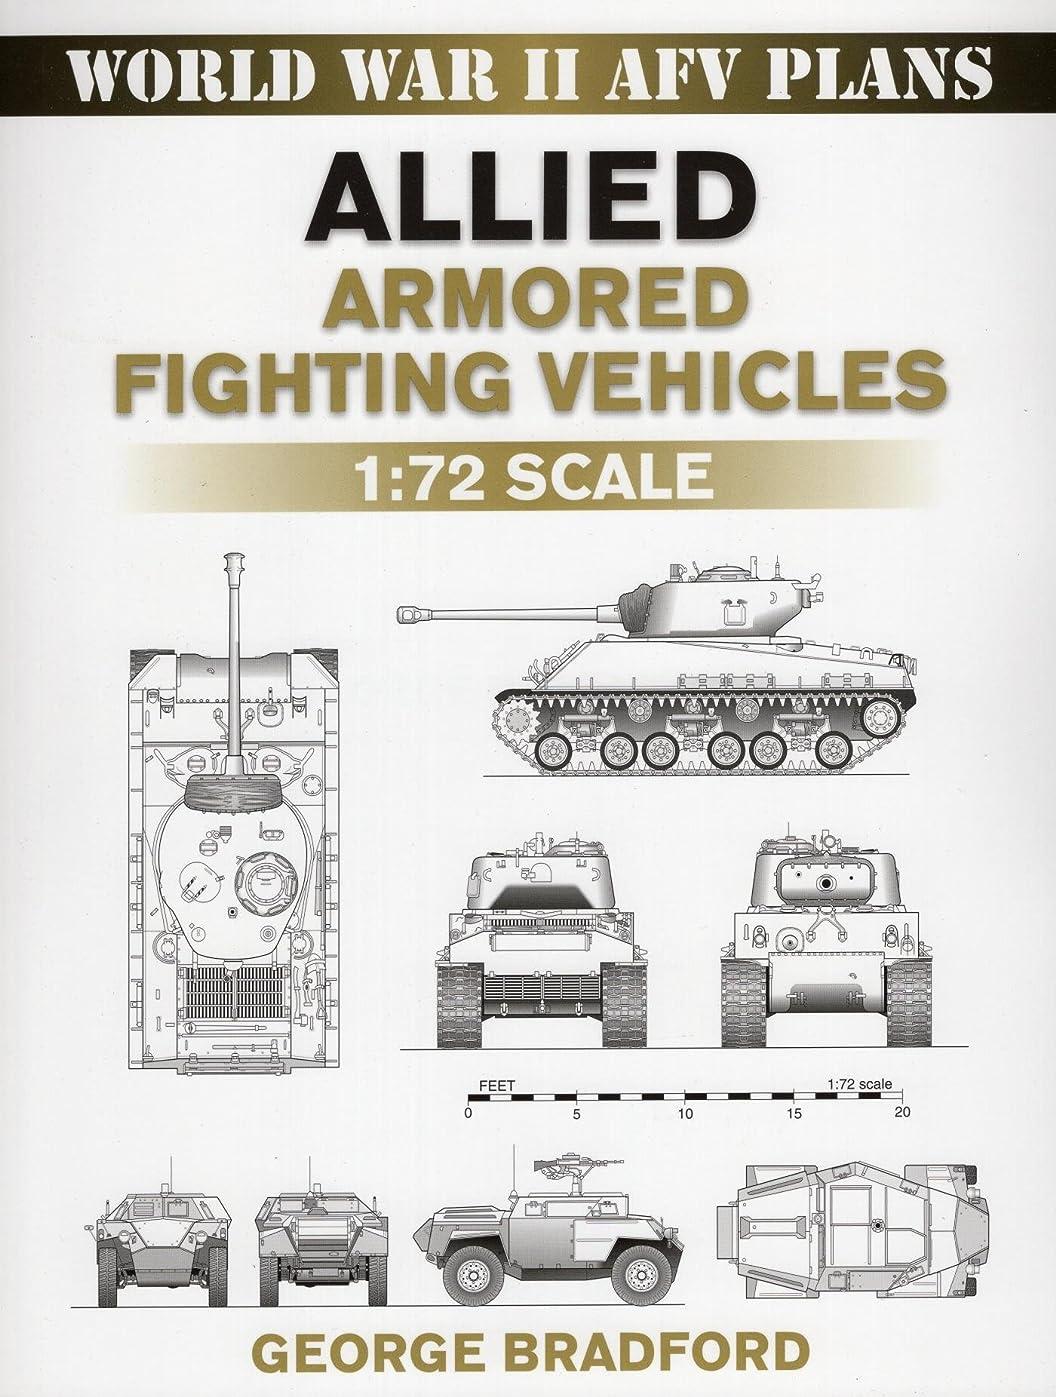 本当に悪名高い天才Allied Armored Fighting Vehicles: 1:72 Scale (World War II AFV Plans) (English Edition)